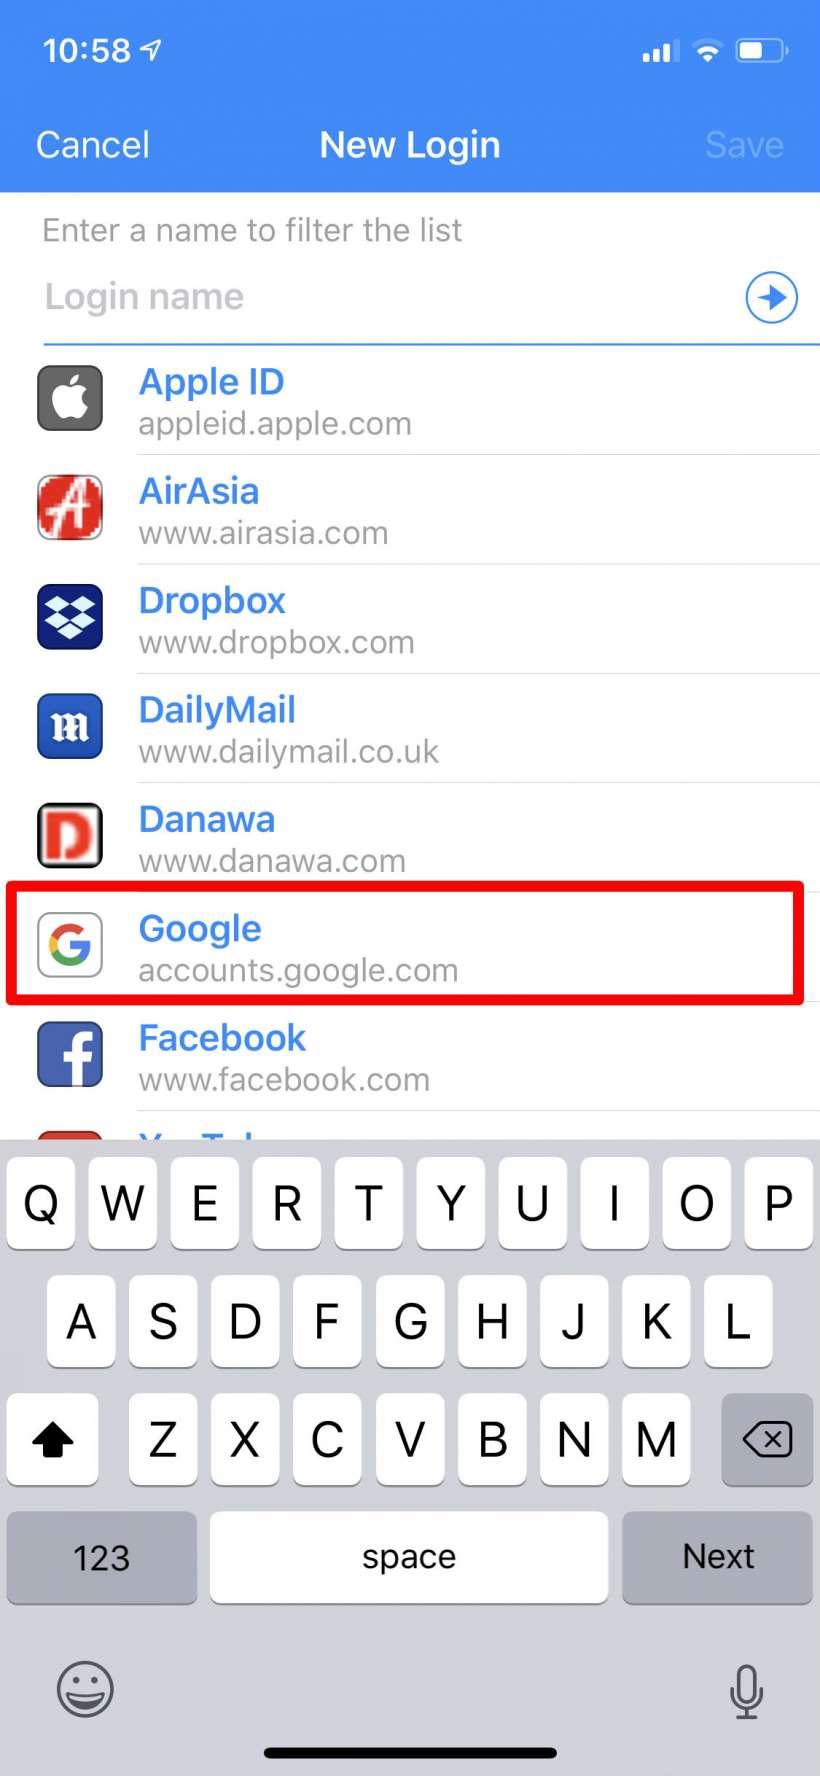 Cómo utilizar el gestor de contraseñas 1Password iPhone, iPad y Mac.